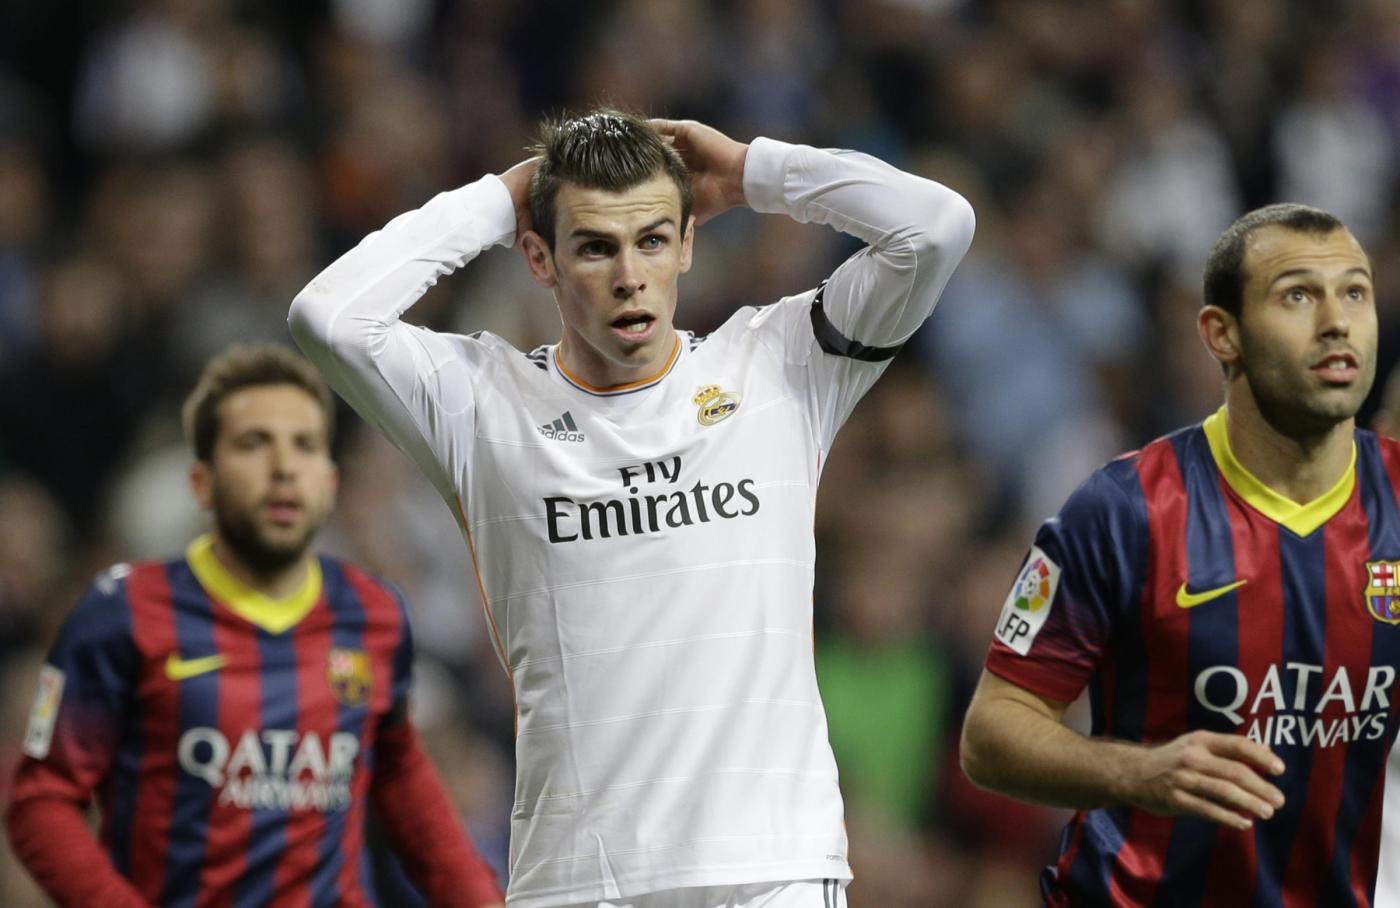 Real Madrid vs Barcellona: un Clasico di rigori e proteste